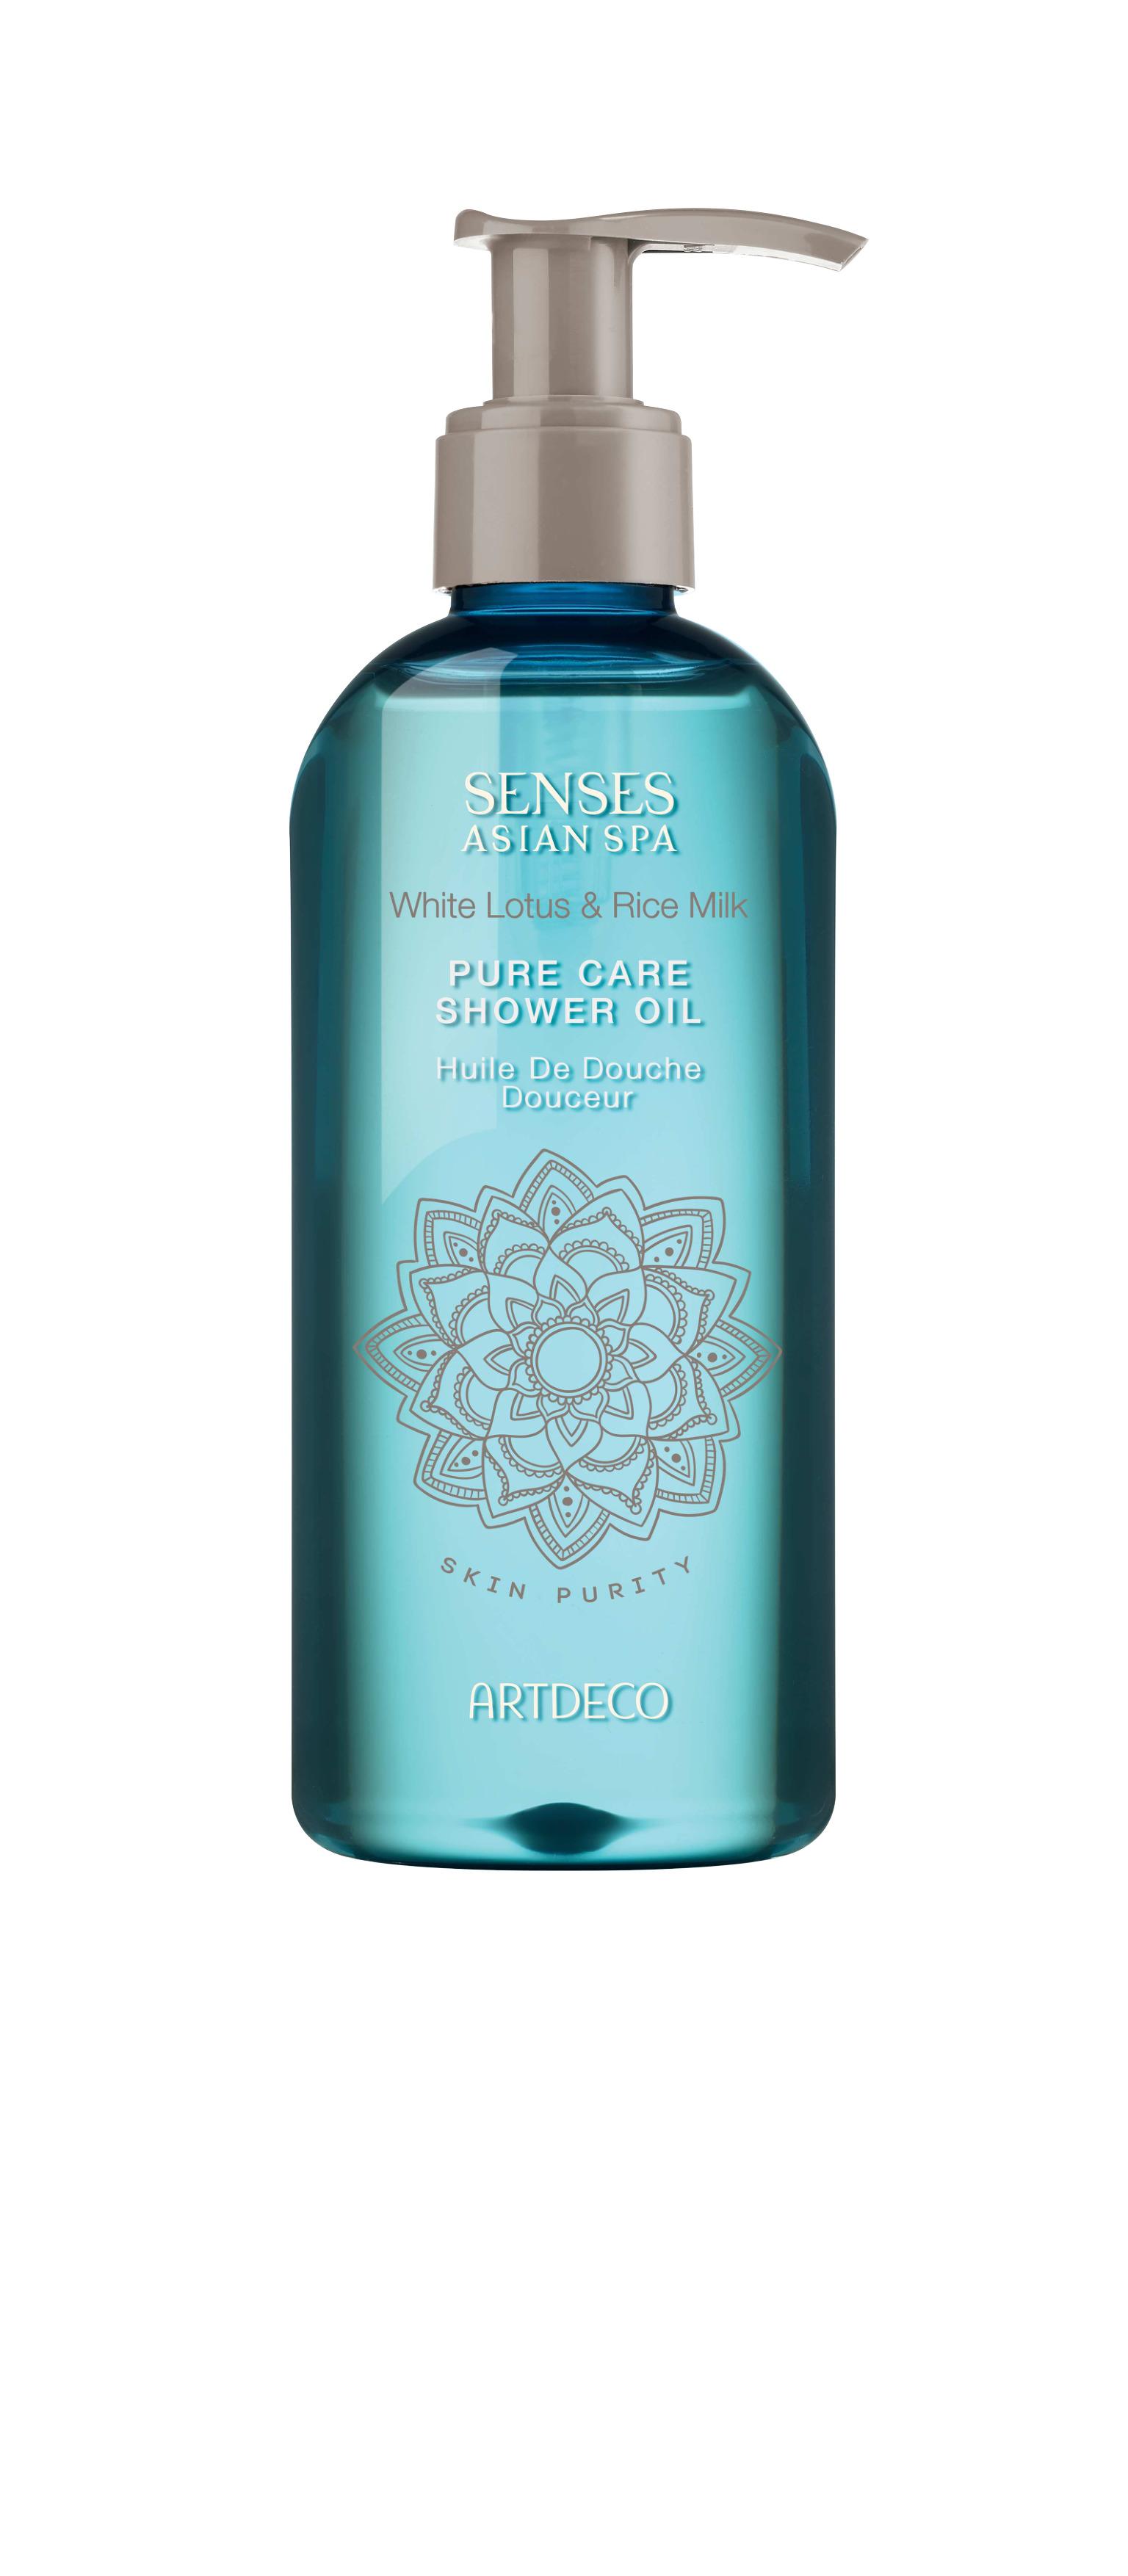 Artdeco масло для душа Pure care shower oil, skin purity, 200 мл220148Деликатно очищает кожуУвлажняет и питает Дарит упоительный аромат